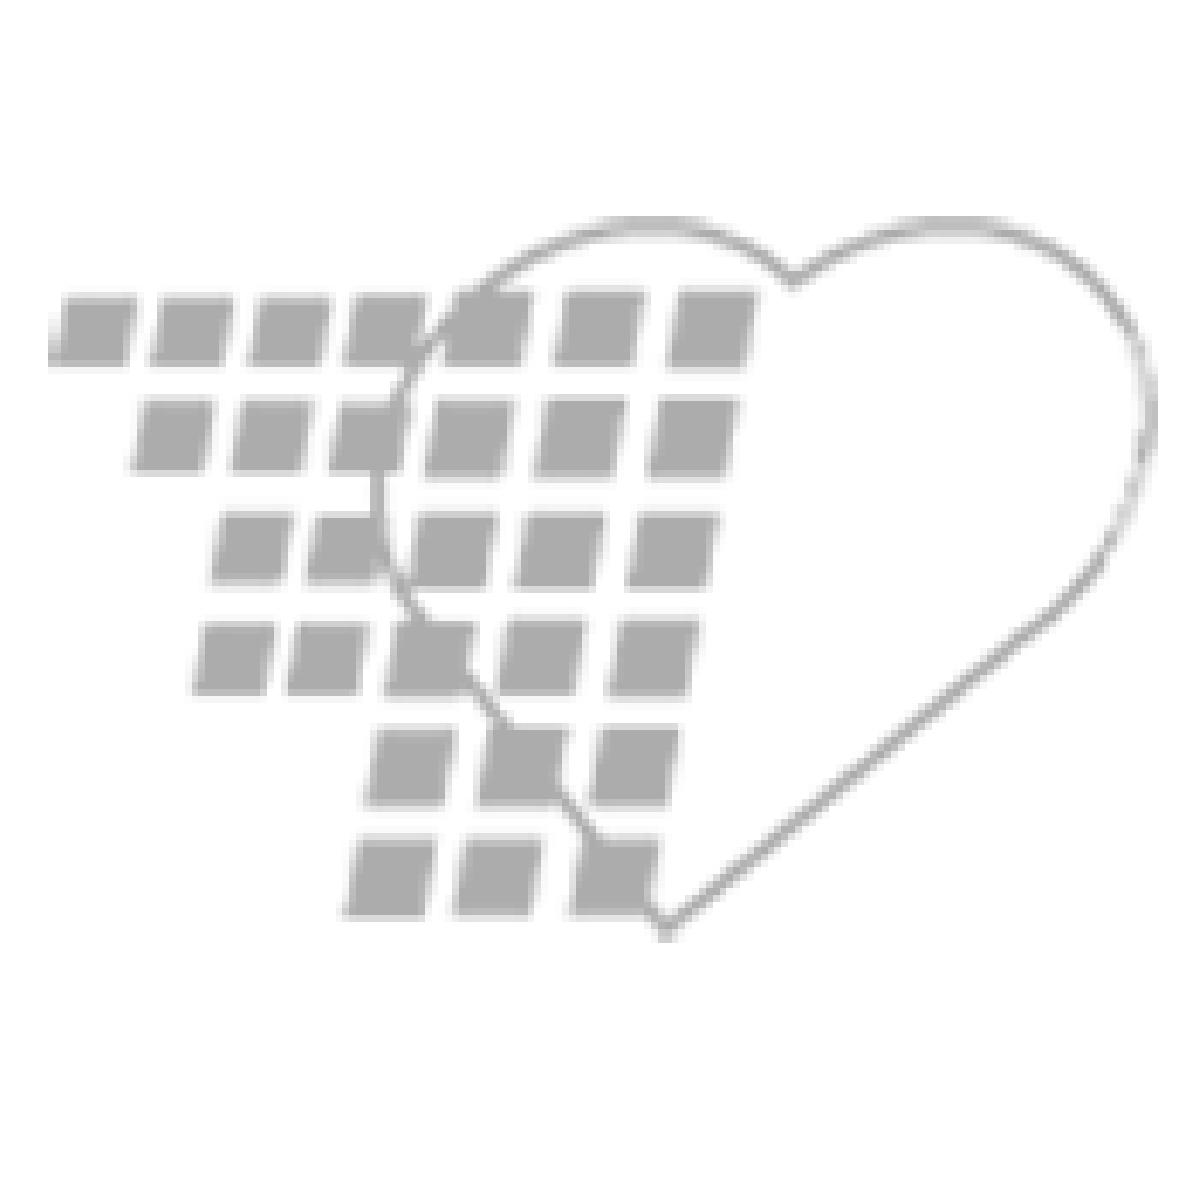 06-11-1117 Pocket Nurse® Syringe with Needle Safety Bundle